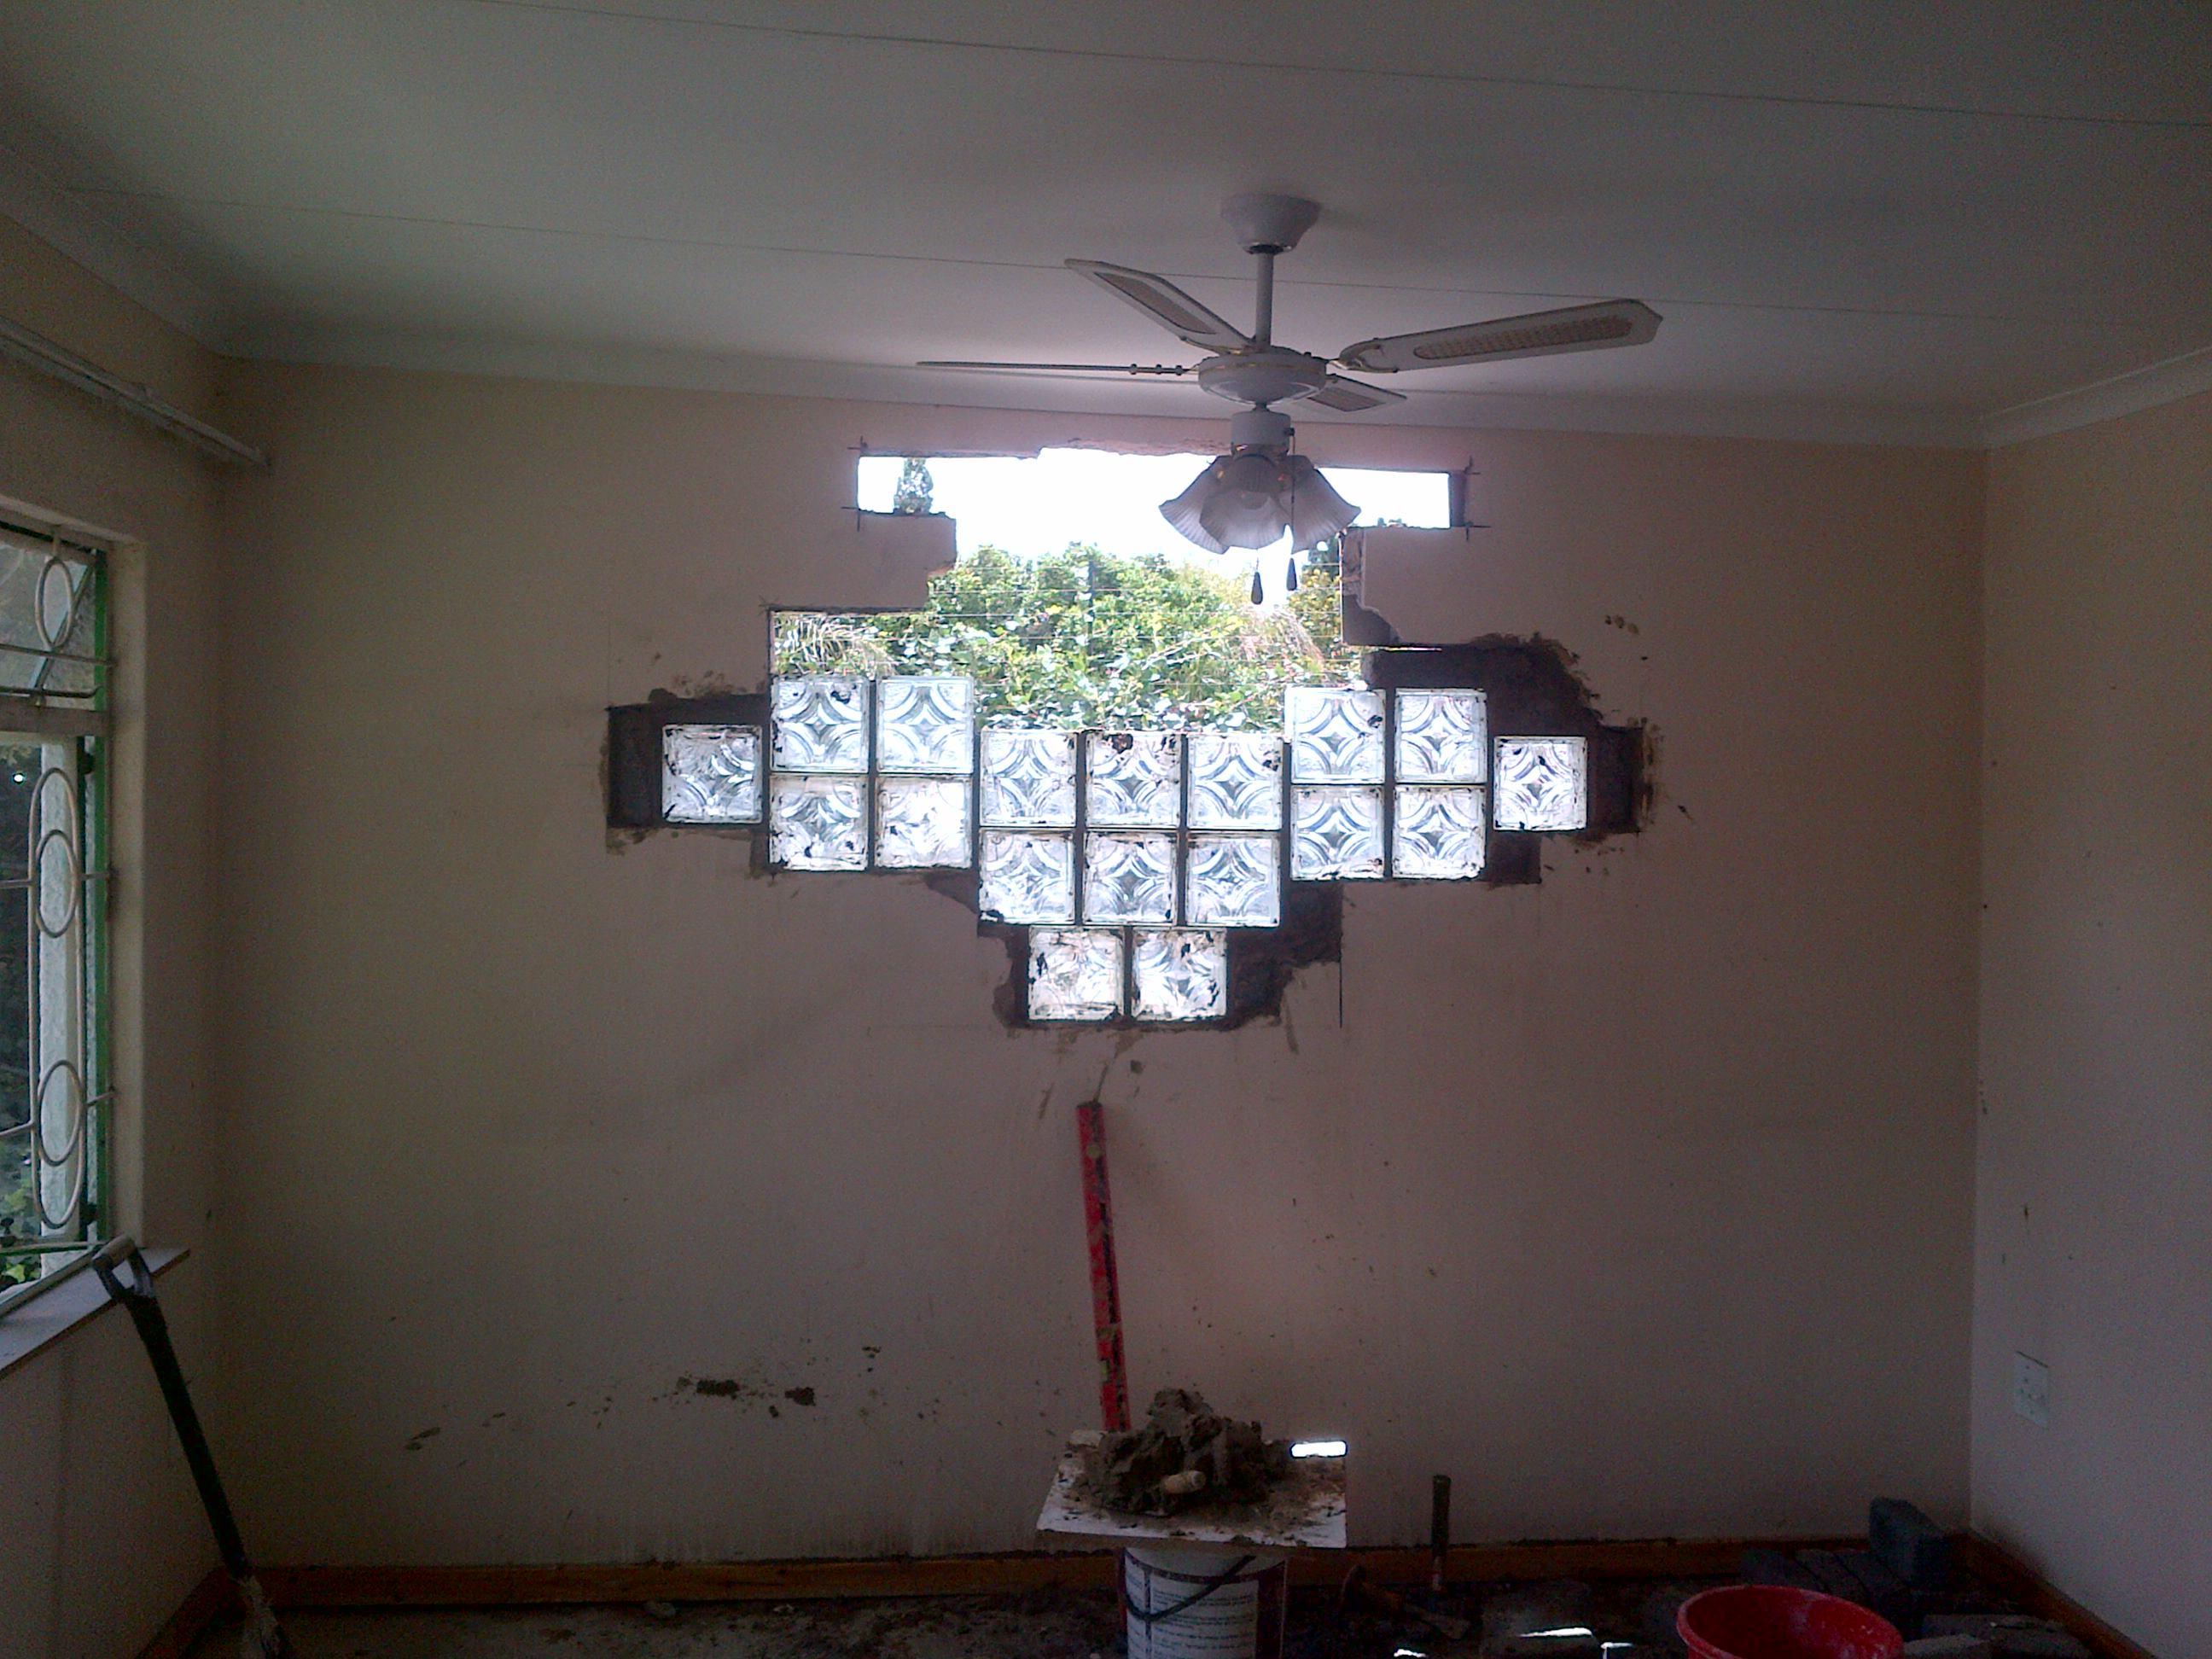 Install Glass Tiles In Progress